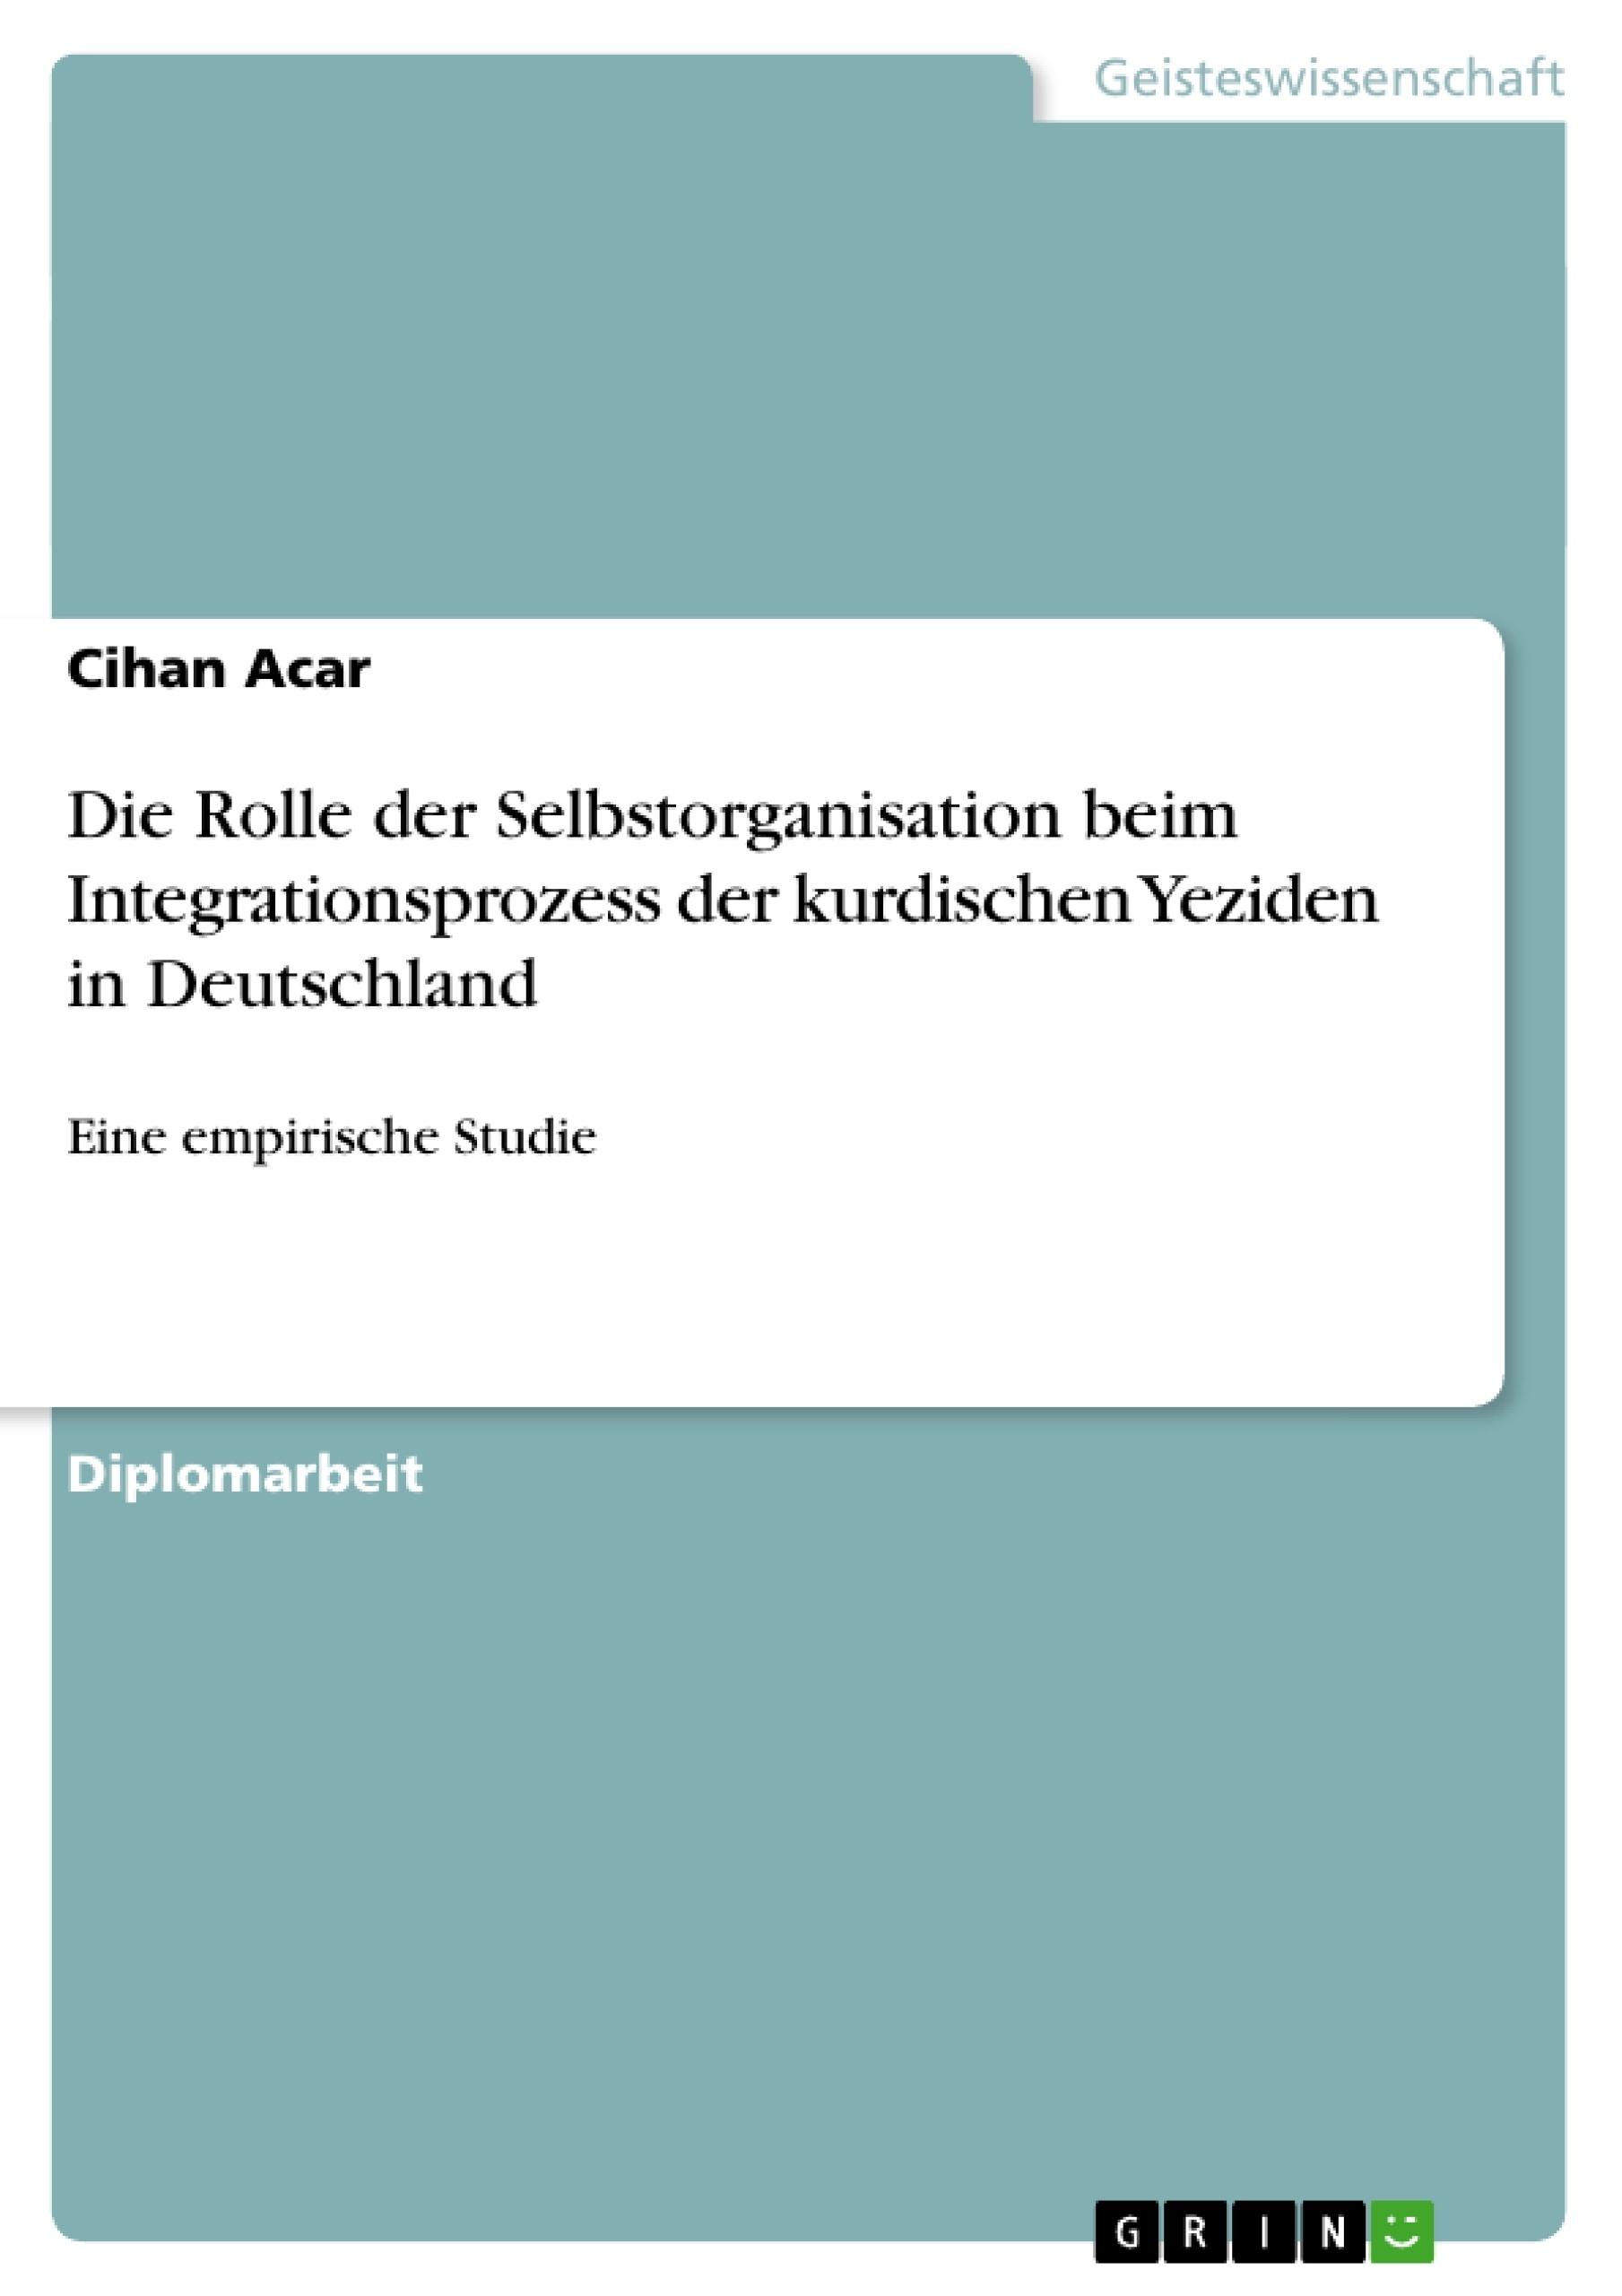 Titel: Die Rolle der Selbstorganisation beim Integrationsprozess der kurdischen Yeziden in Deutschland